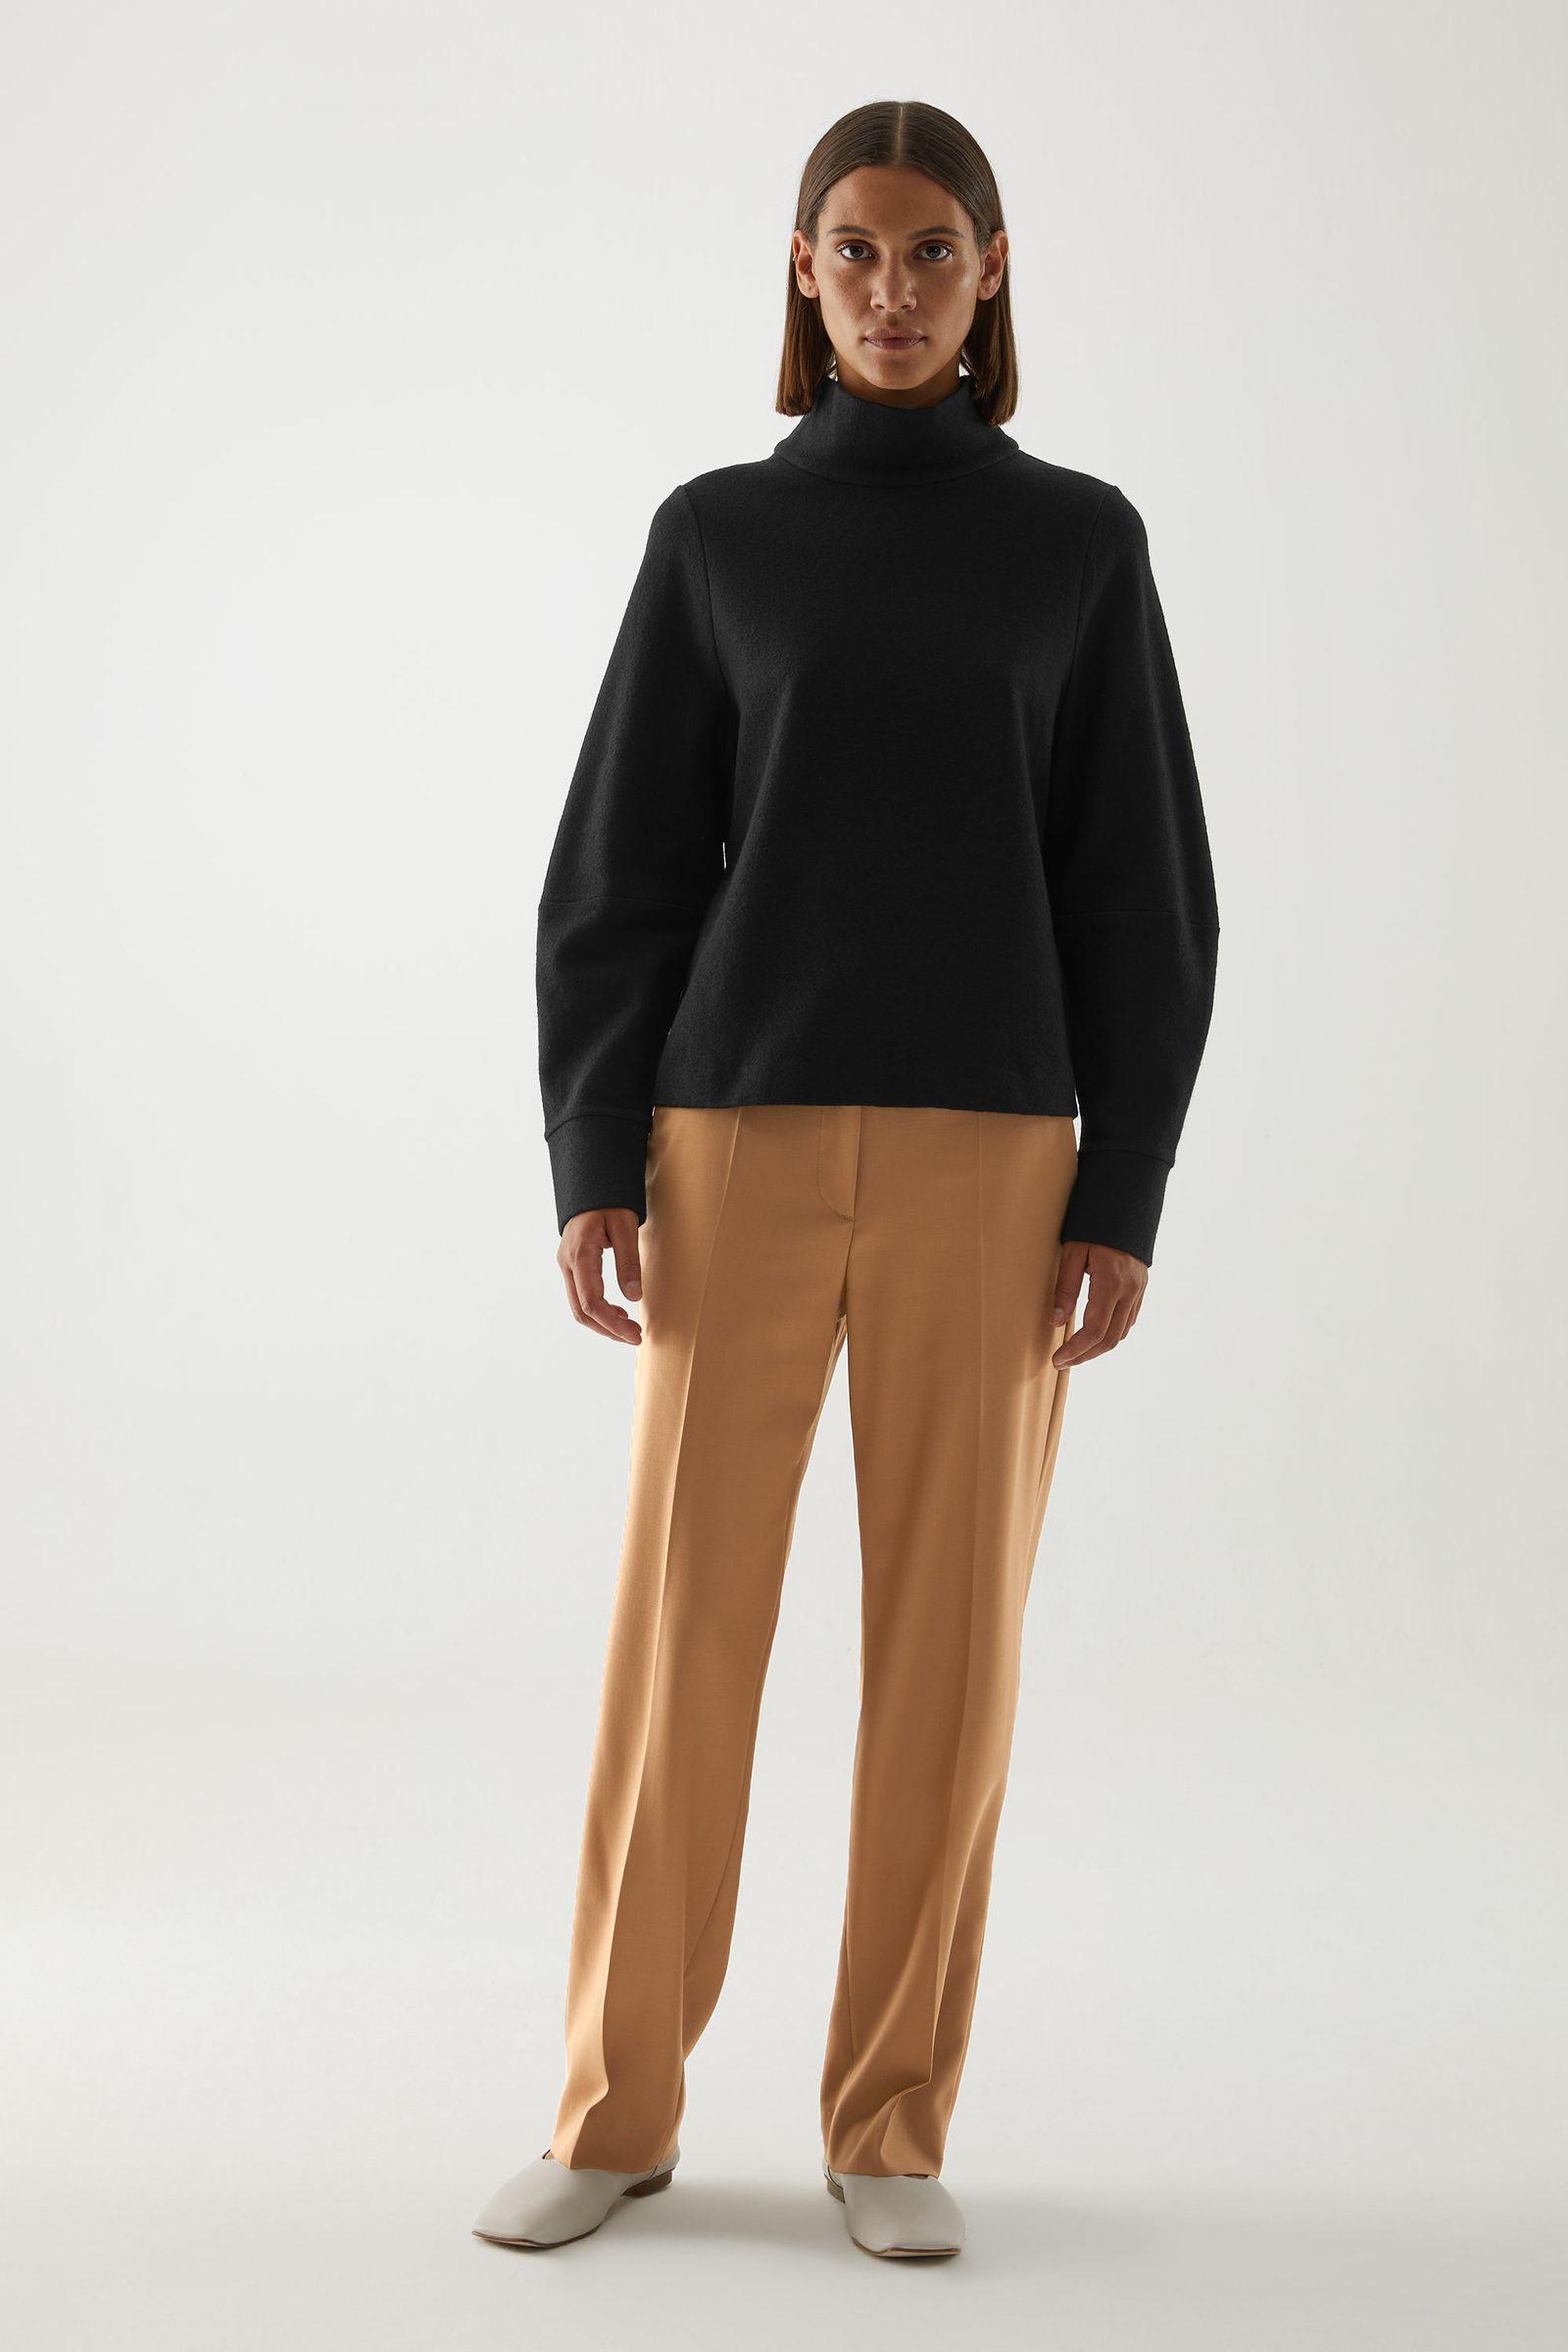 COS 메리노 울 오가닉 코튼 믹스 롤넥 스트럭처드 스웨터의 블랙컬러 ECOMLook입니다.